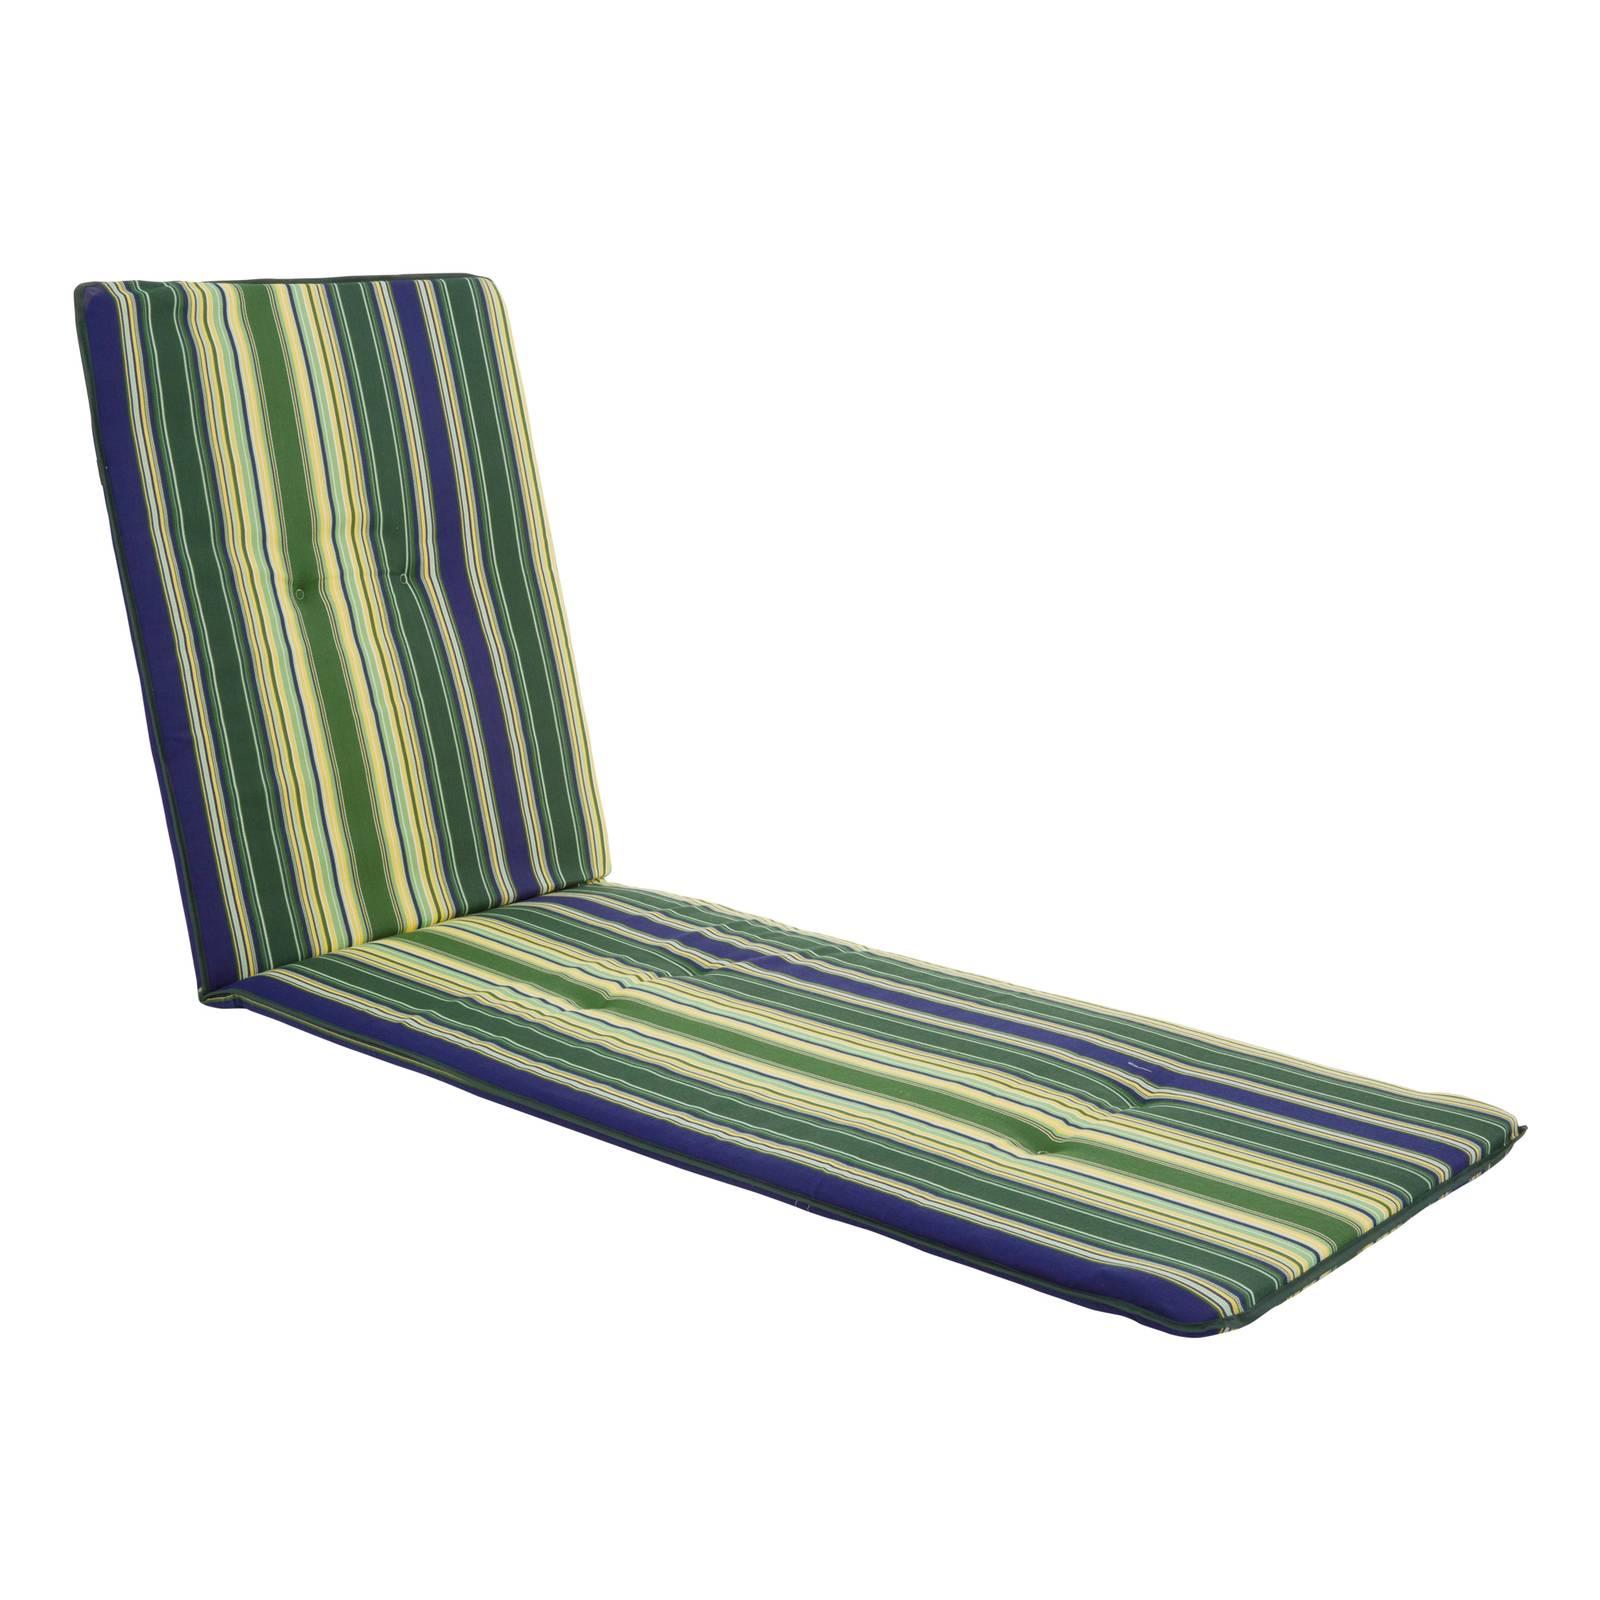 Poduszka na leżak / łóżko Mona Liege 4 cm C008-02BF PATIO